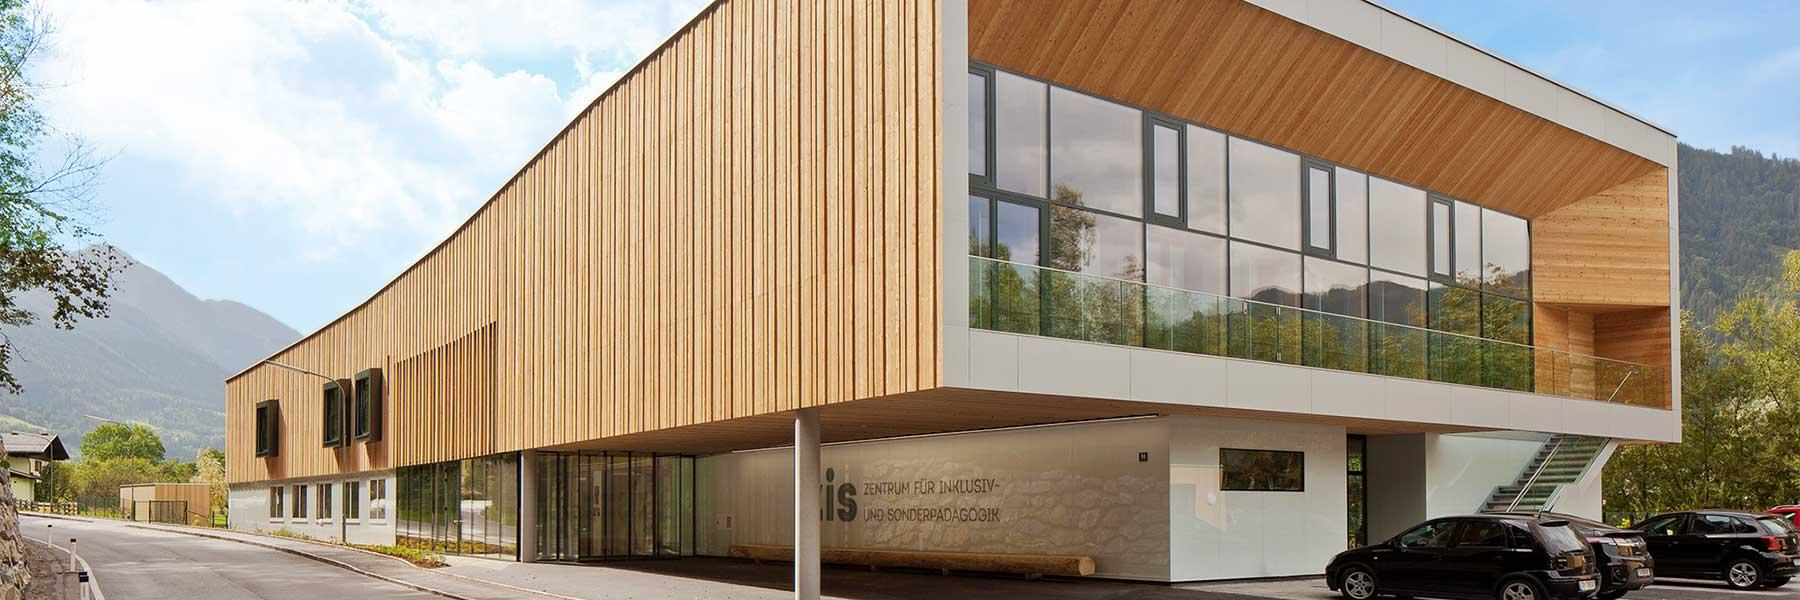 Slider Railing Glasgeländer Nurglas Absturzsicherung Kaufen Salzburg Preis Modern Aussenanwendung Design